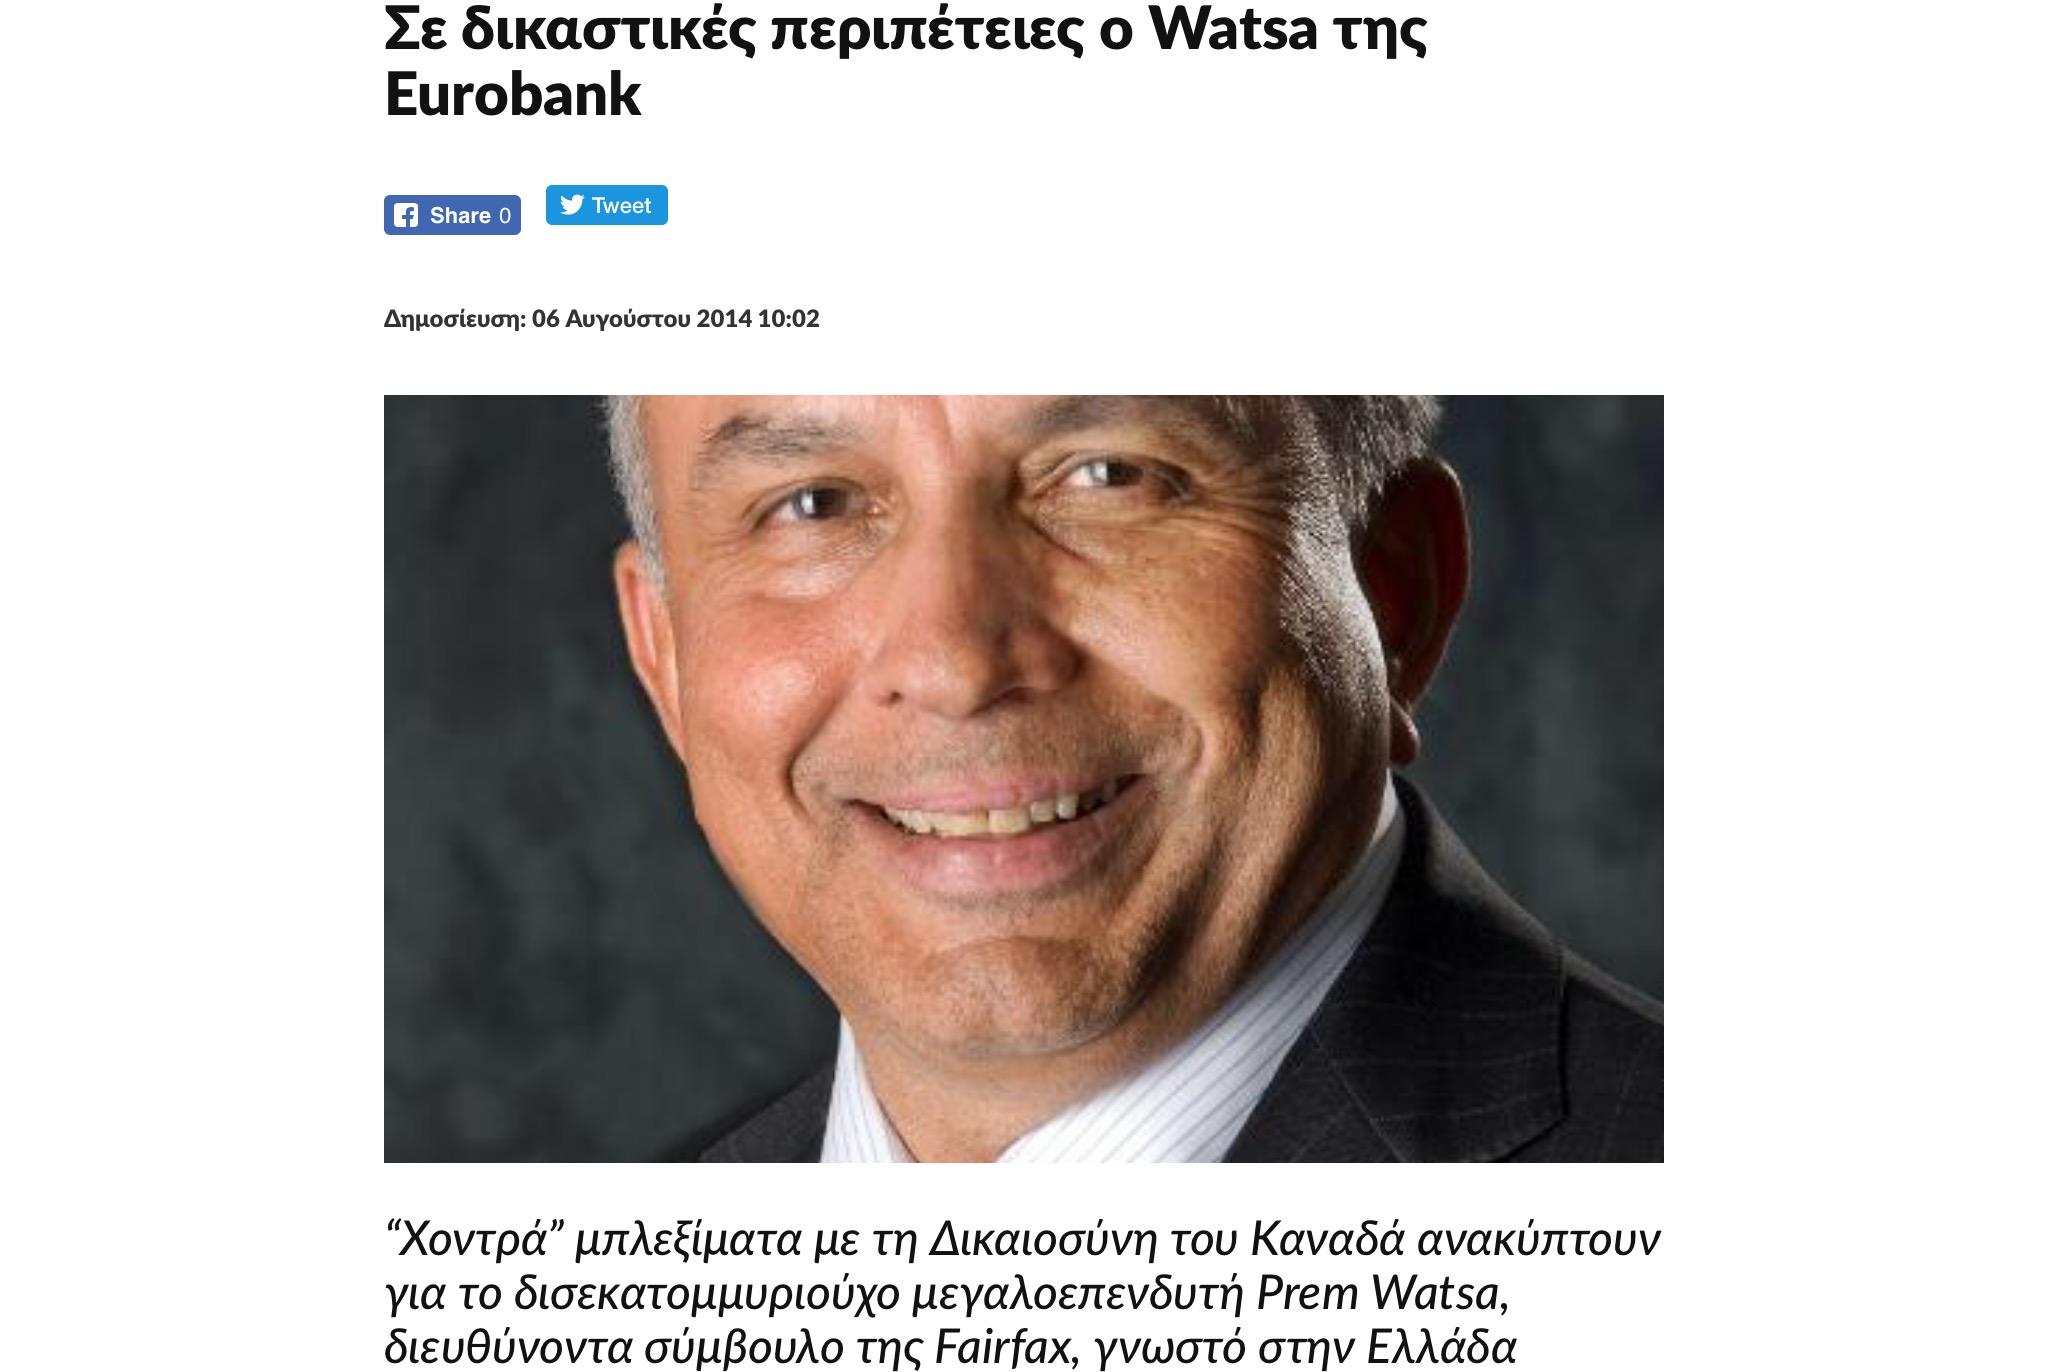 Μητσοτακης-Στουραναρας με τον Watsa…Αφού είχε μπλεξίματα με την δικαιοσύνη, είναι ιδανικός για την ΝΔ